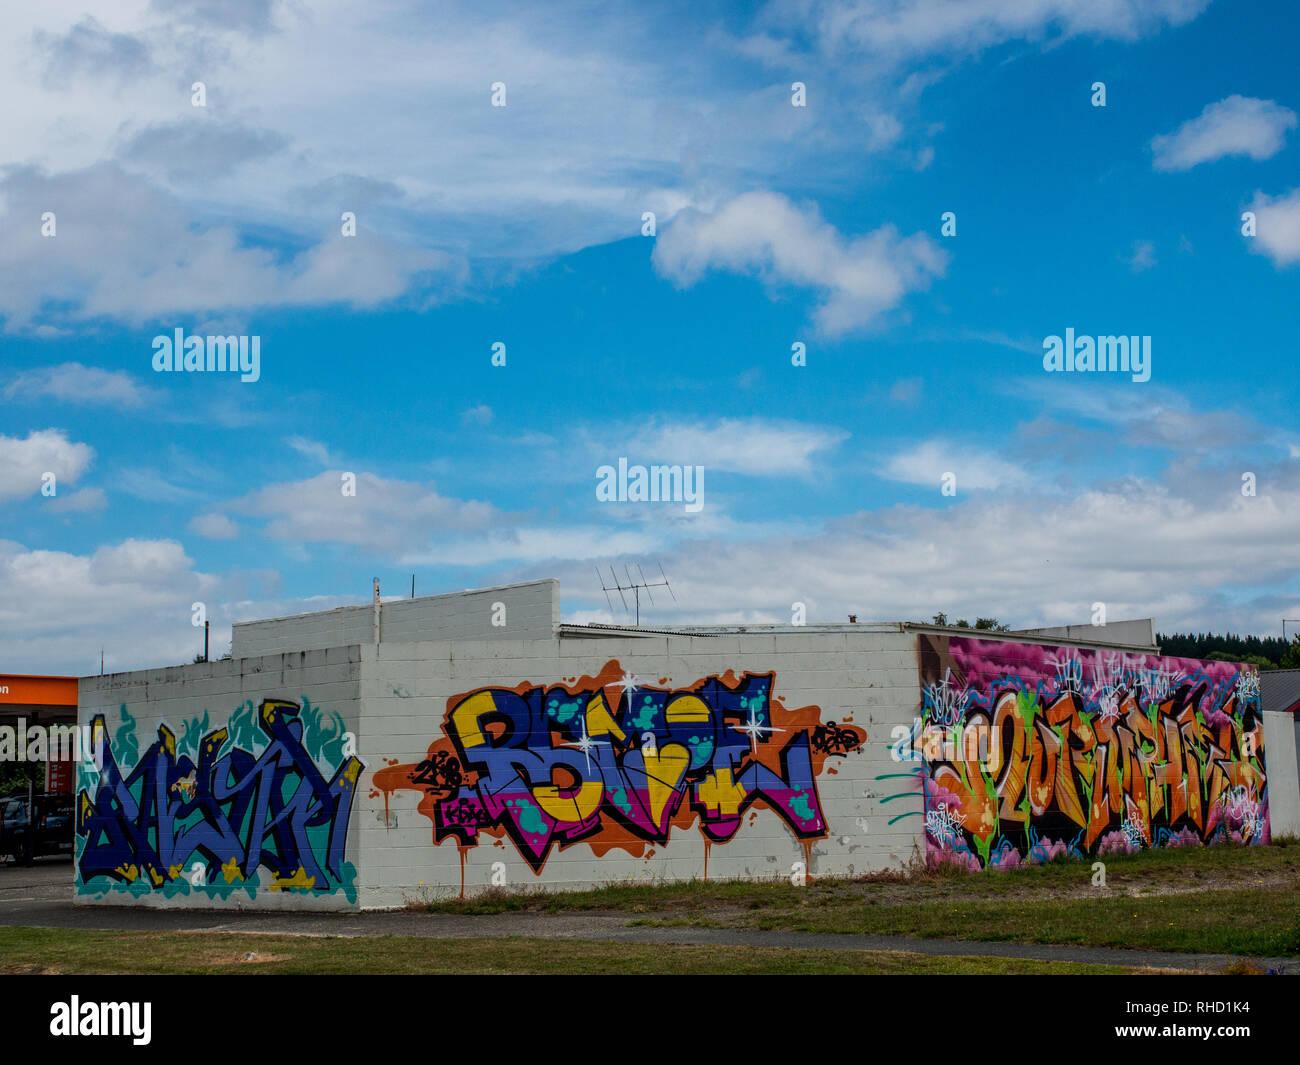 Graffiti, el etiquetado, el arte en la calle, cultura juvenil, Murapara, Bahía de Plenty, Isla del Norte, Nueva Zelanda Imagen De Stock